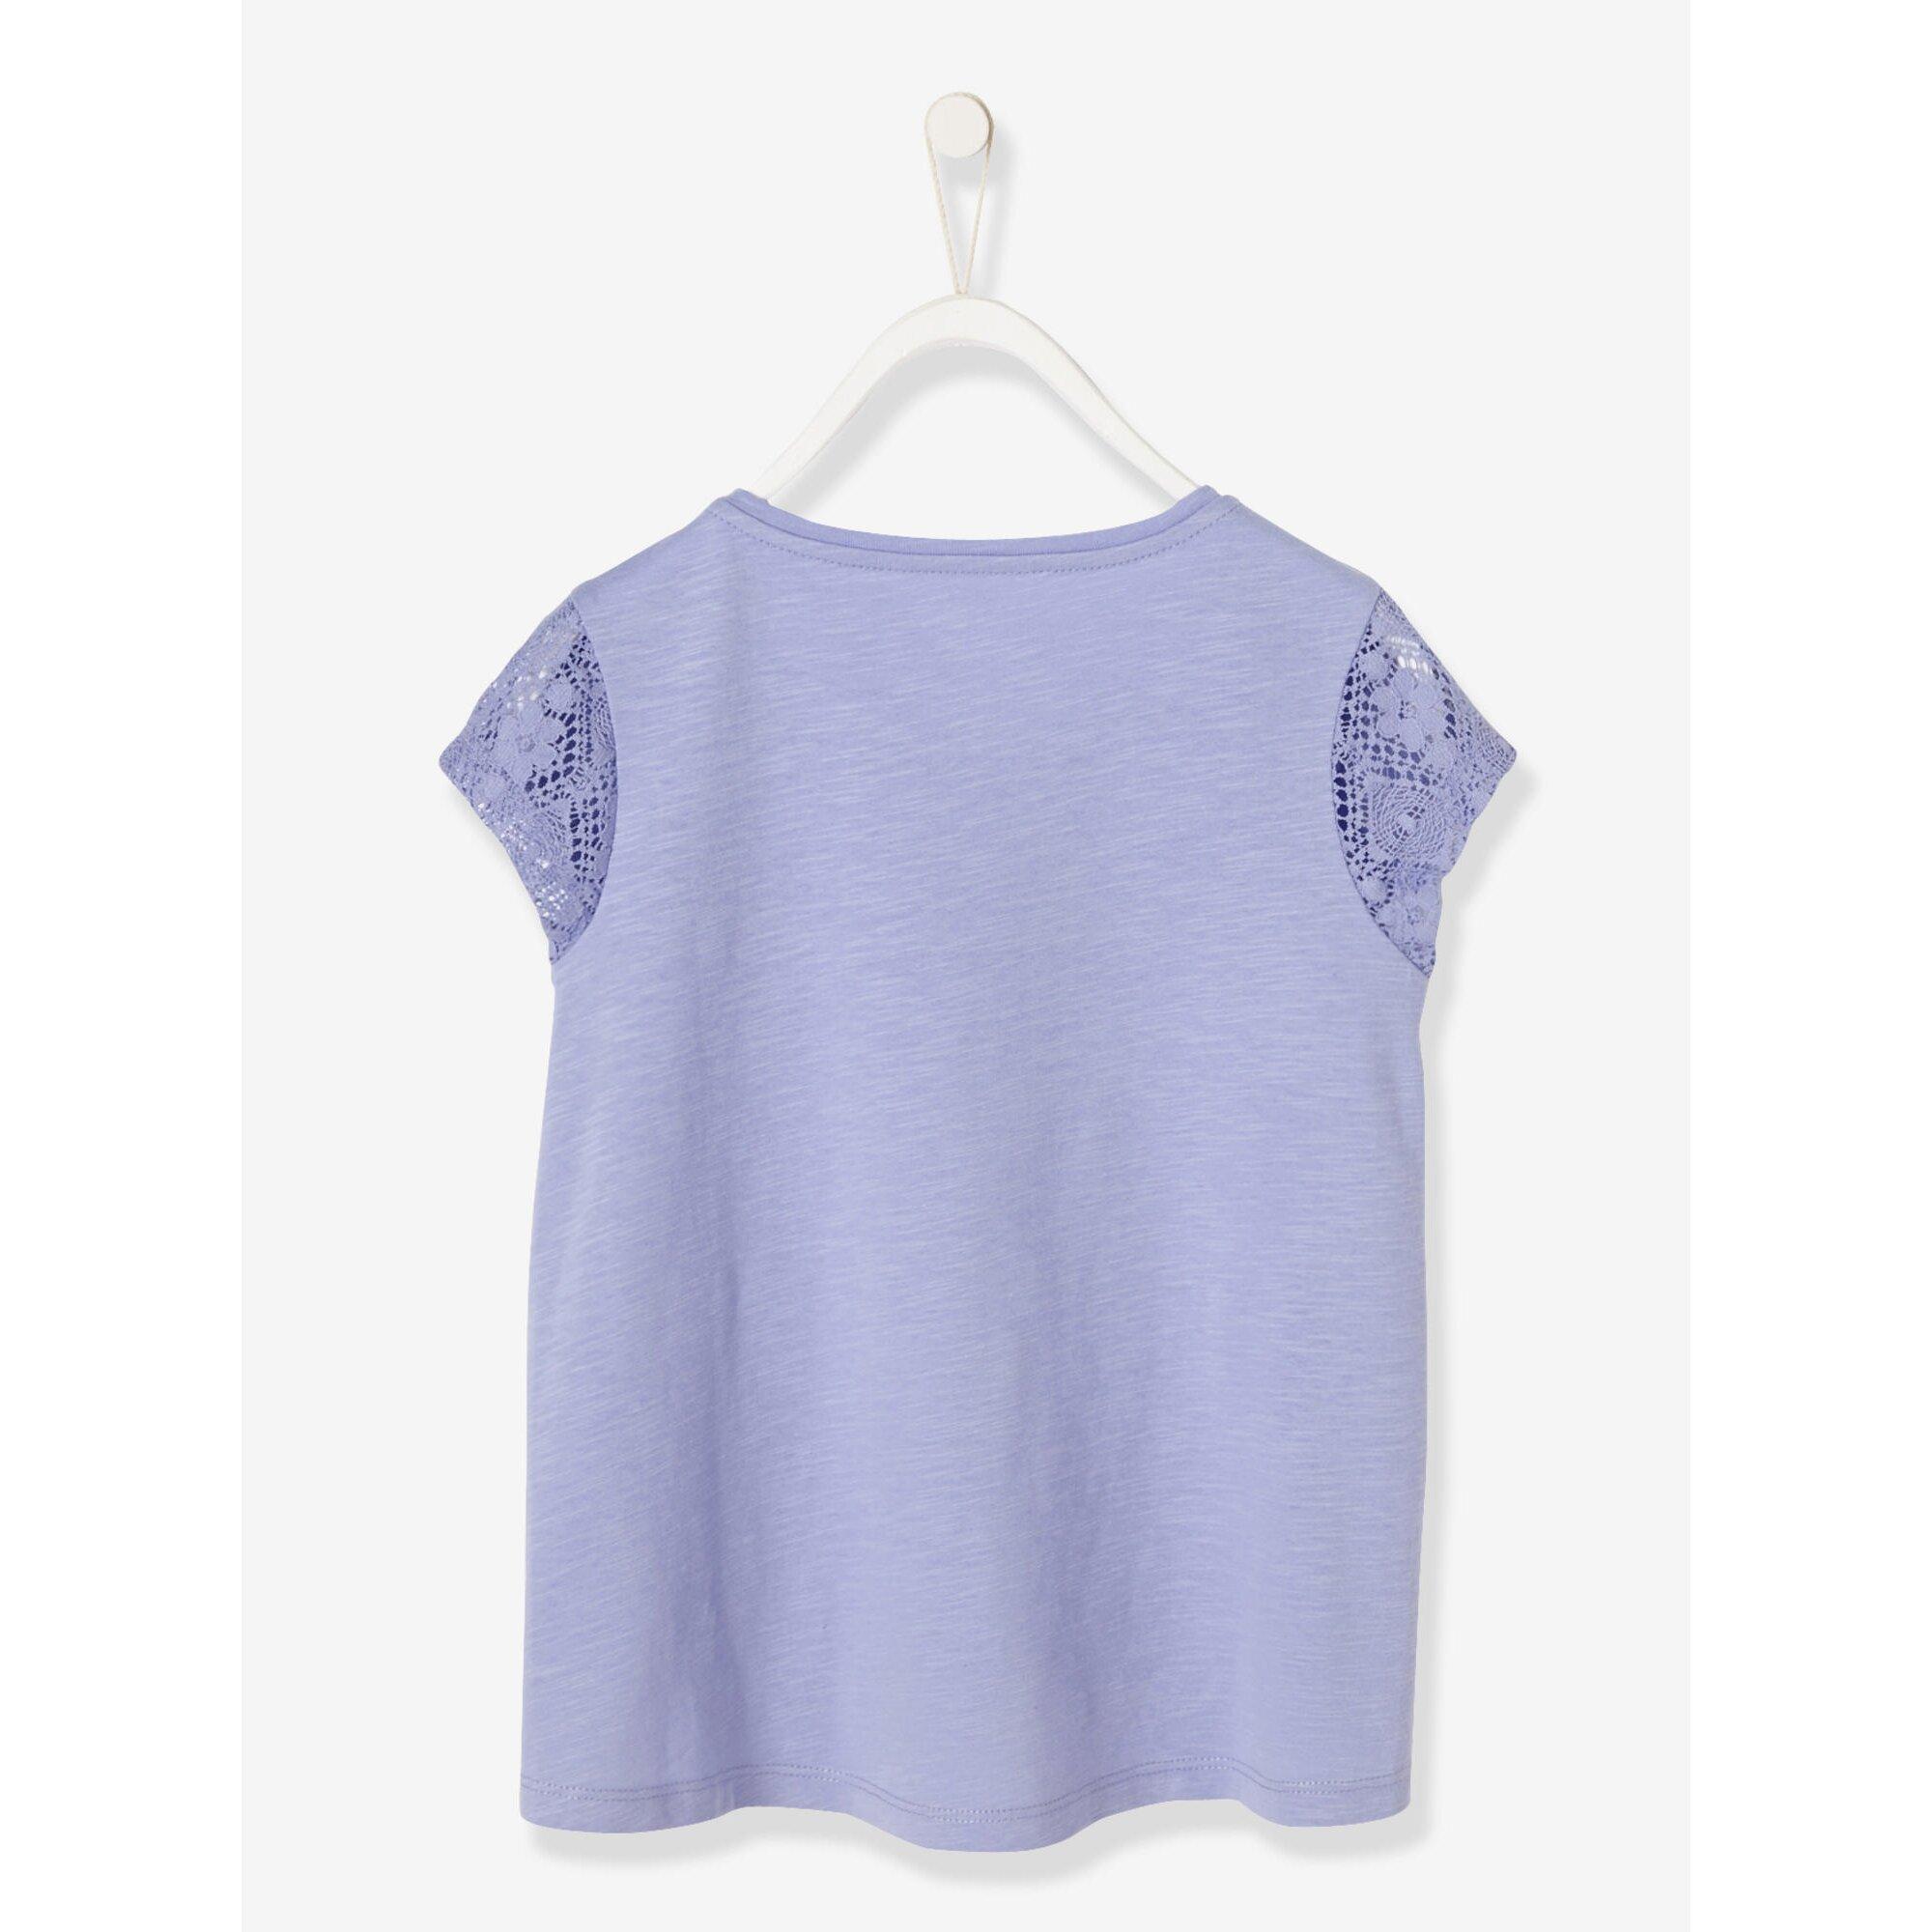 vertbaudet-madchen-kurzarm-shirt-mit-spitze